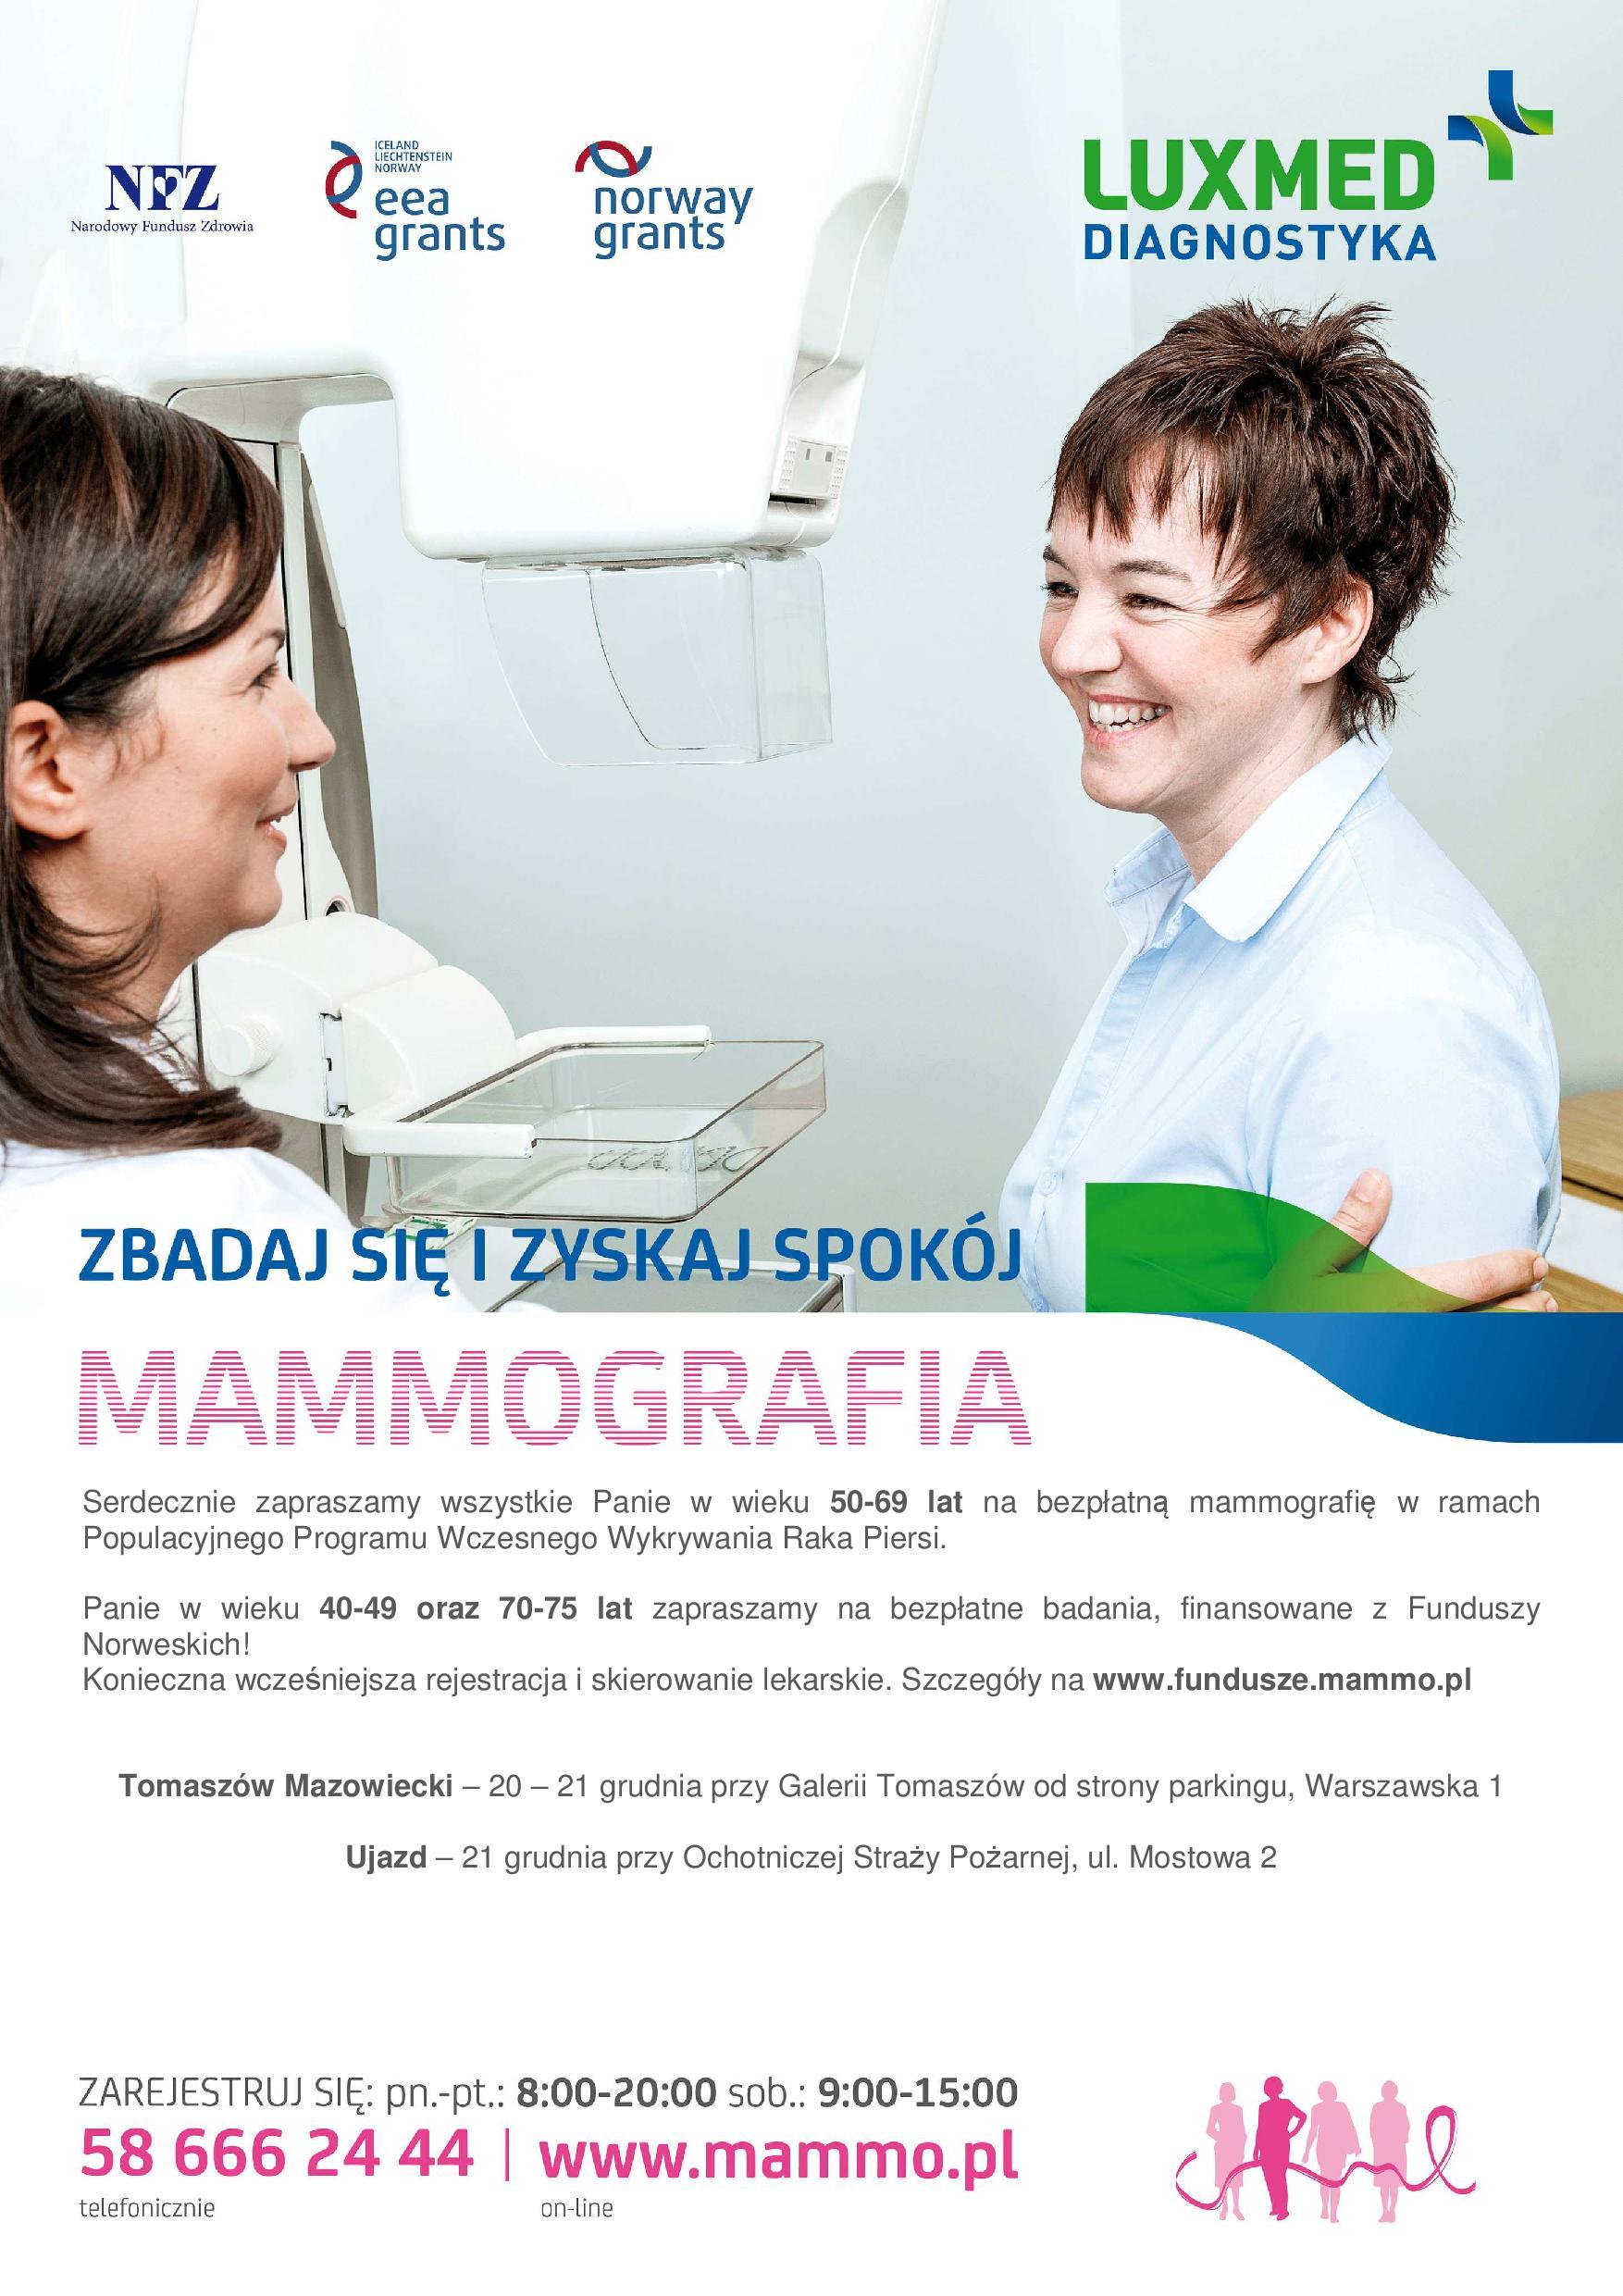 Plakat z informacjami o akcji